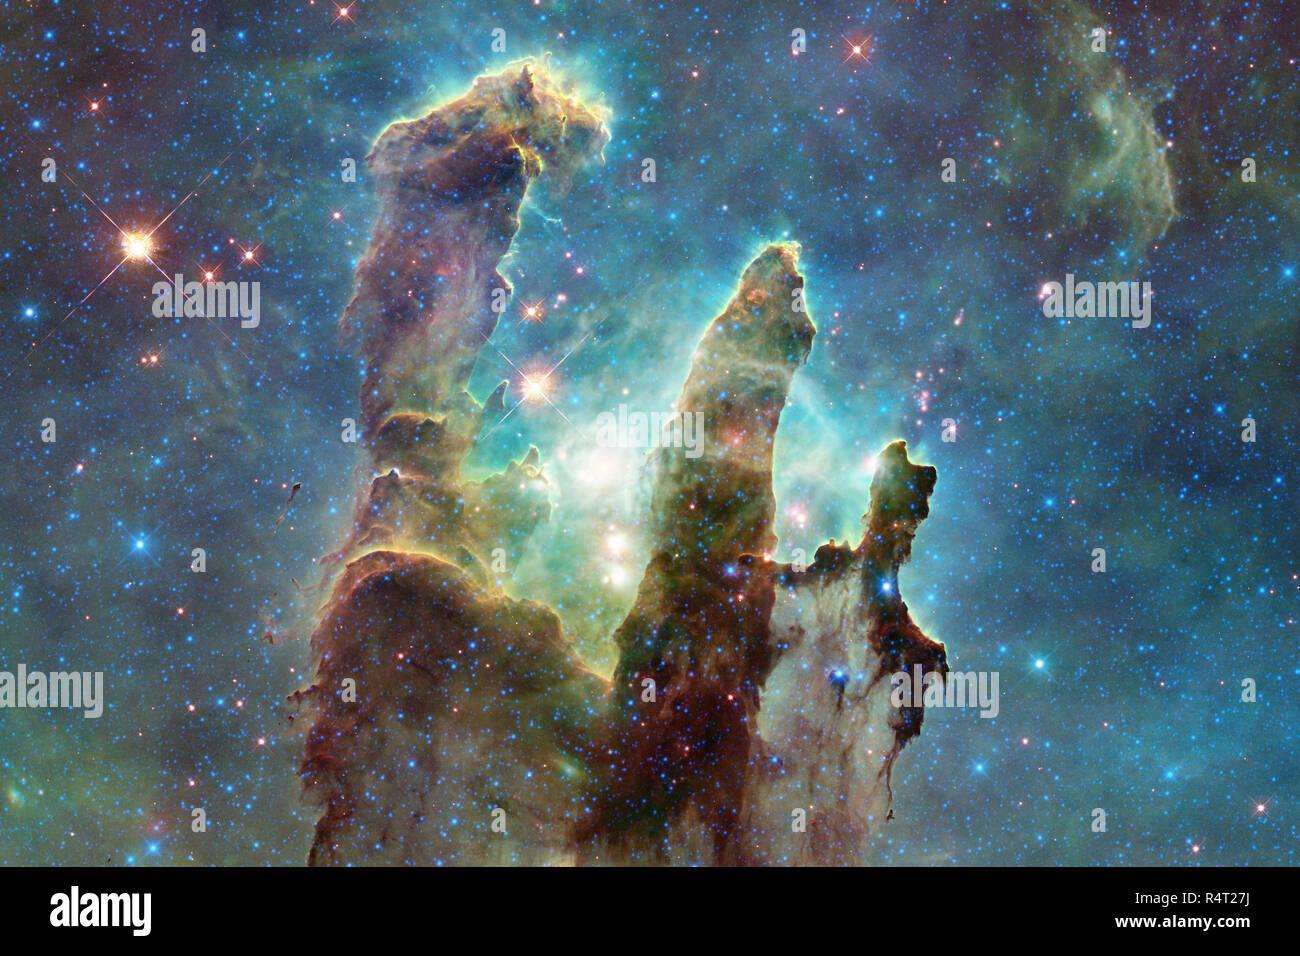 Universum gefüllt Sterne, Nebel und Galaxien. Die ...